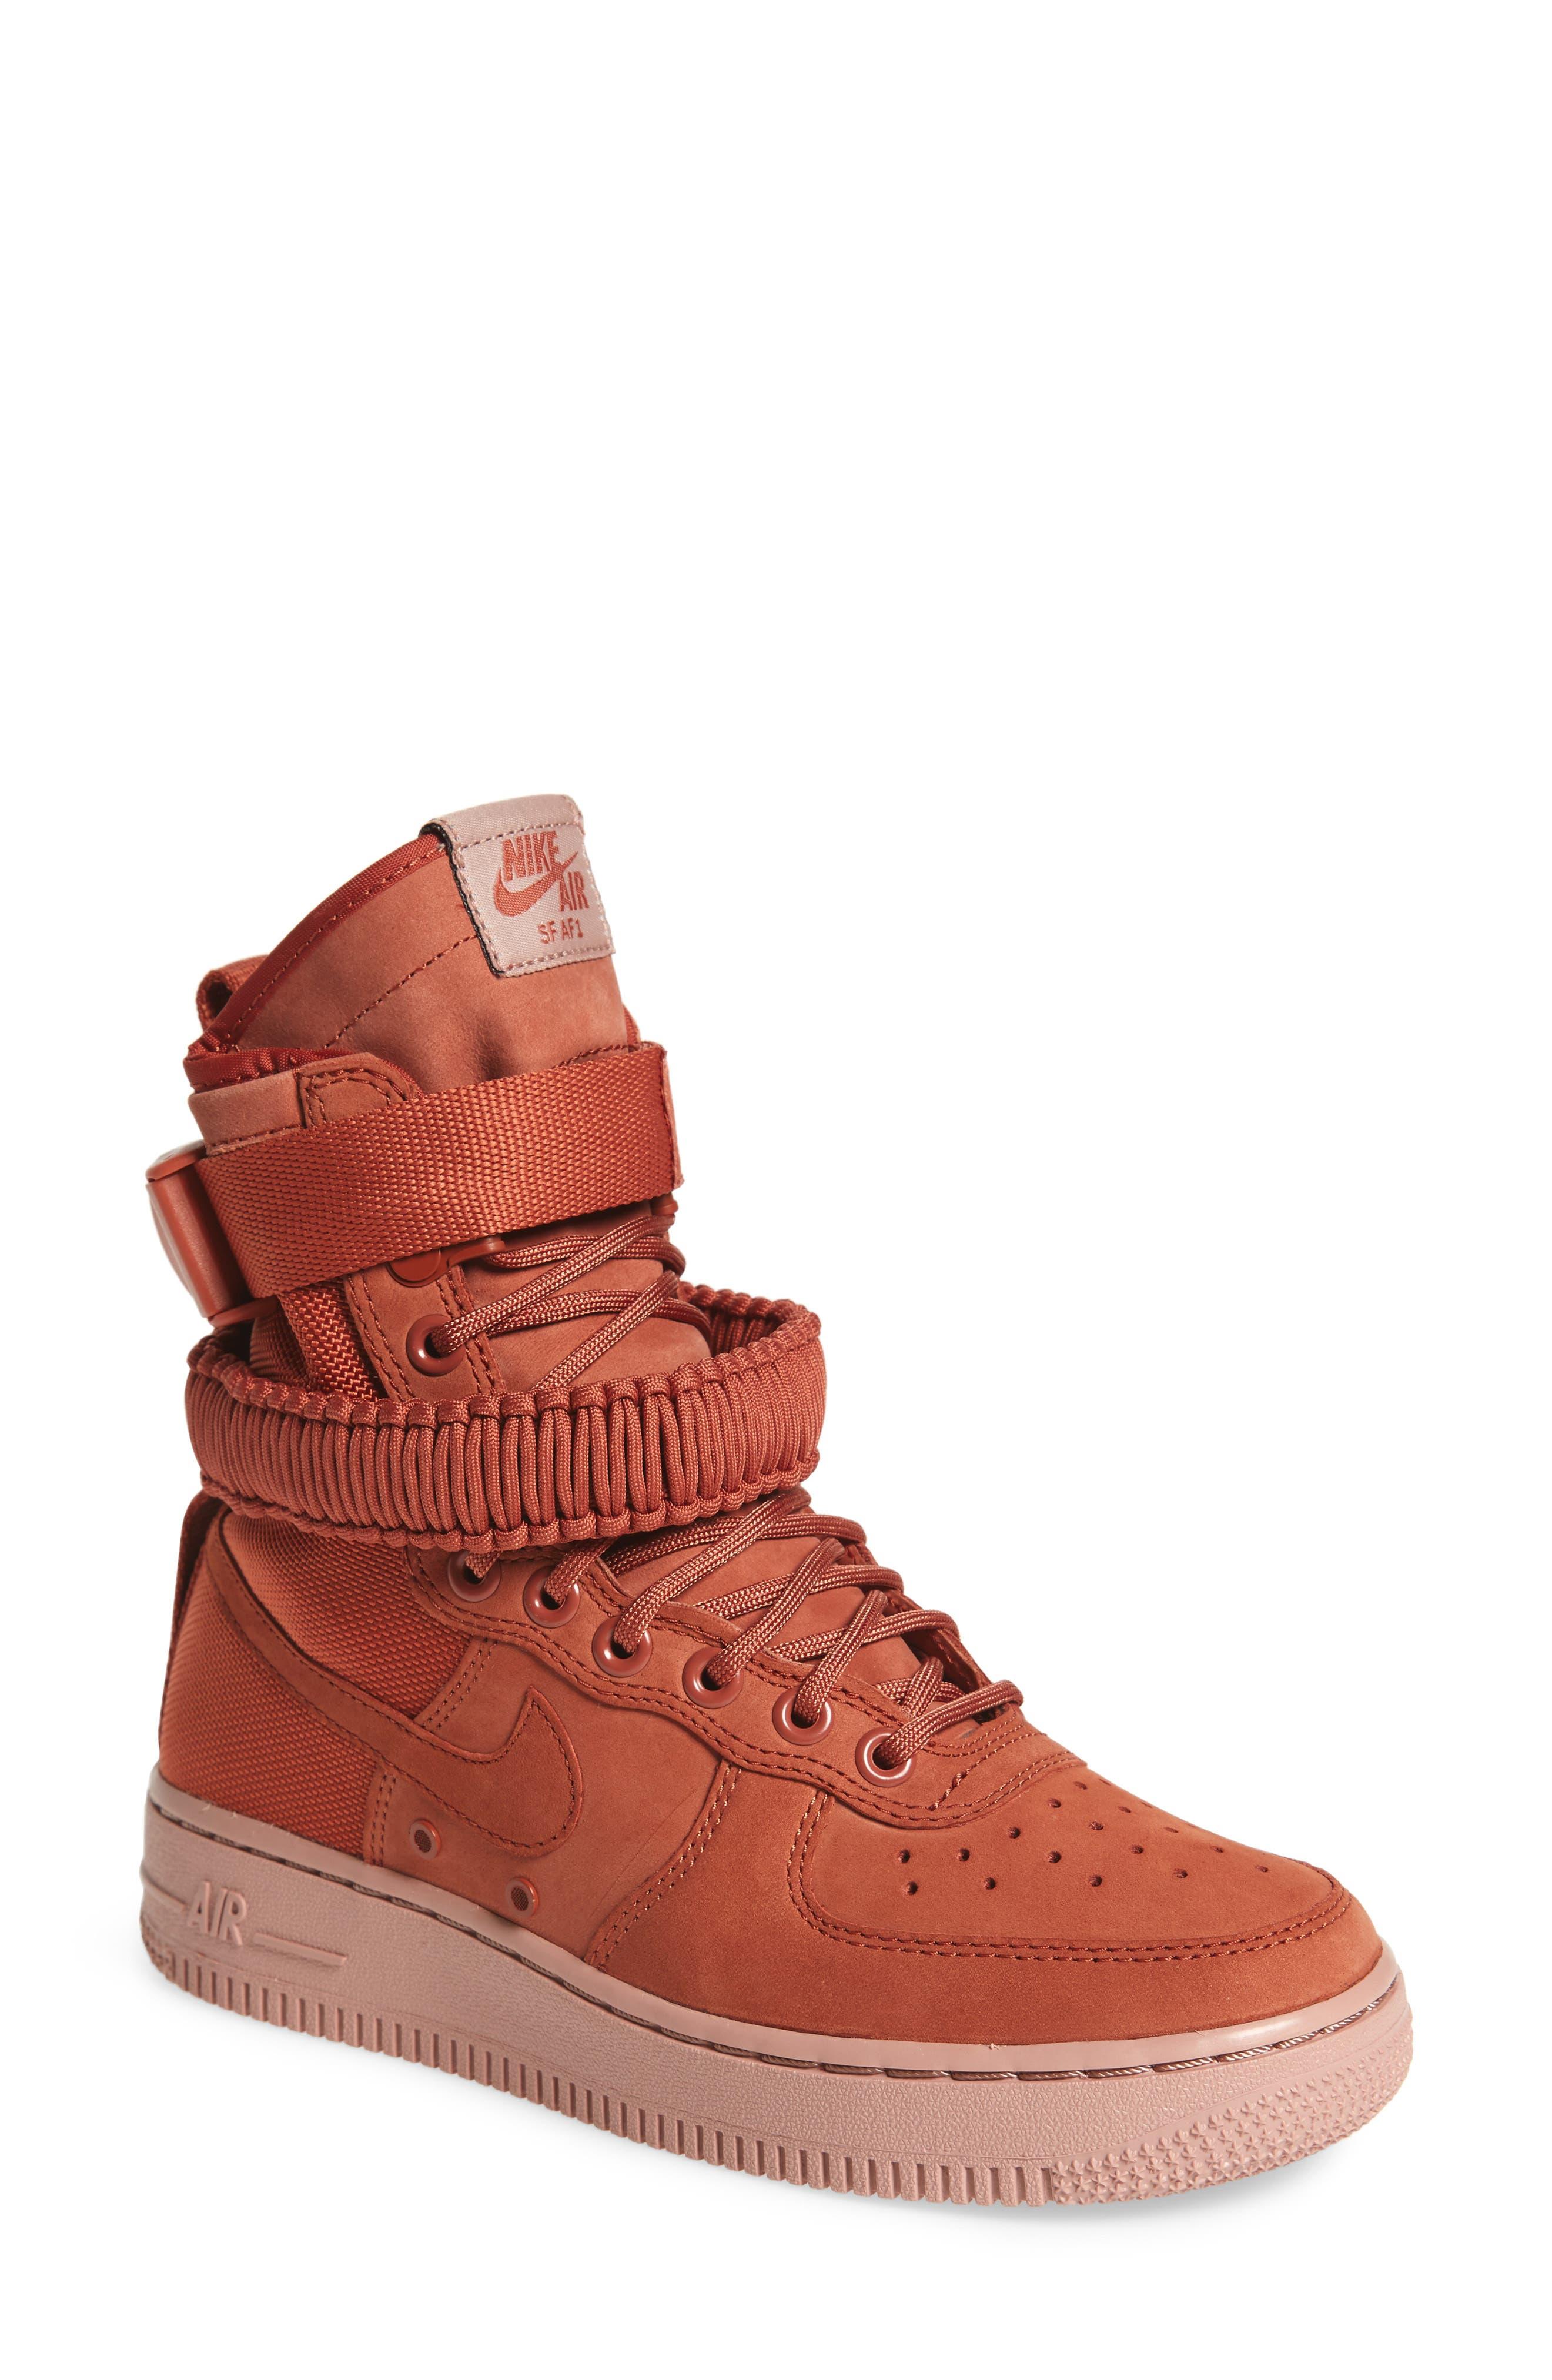 SF Air Force 1 High Top Sneaker,                         Main,                         color, Dusty Peach/ Dusty Peach